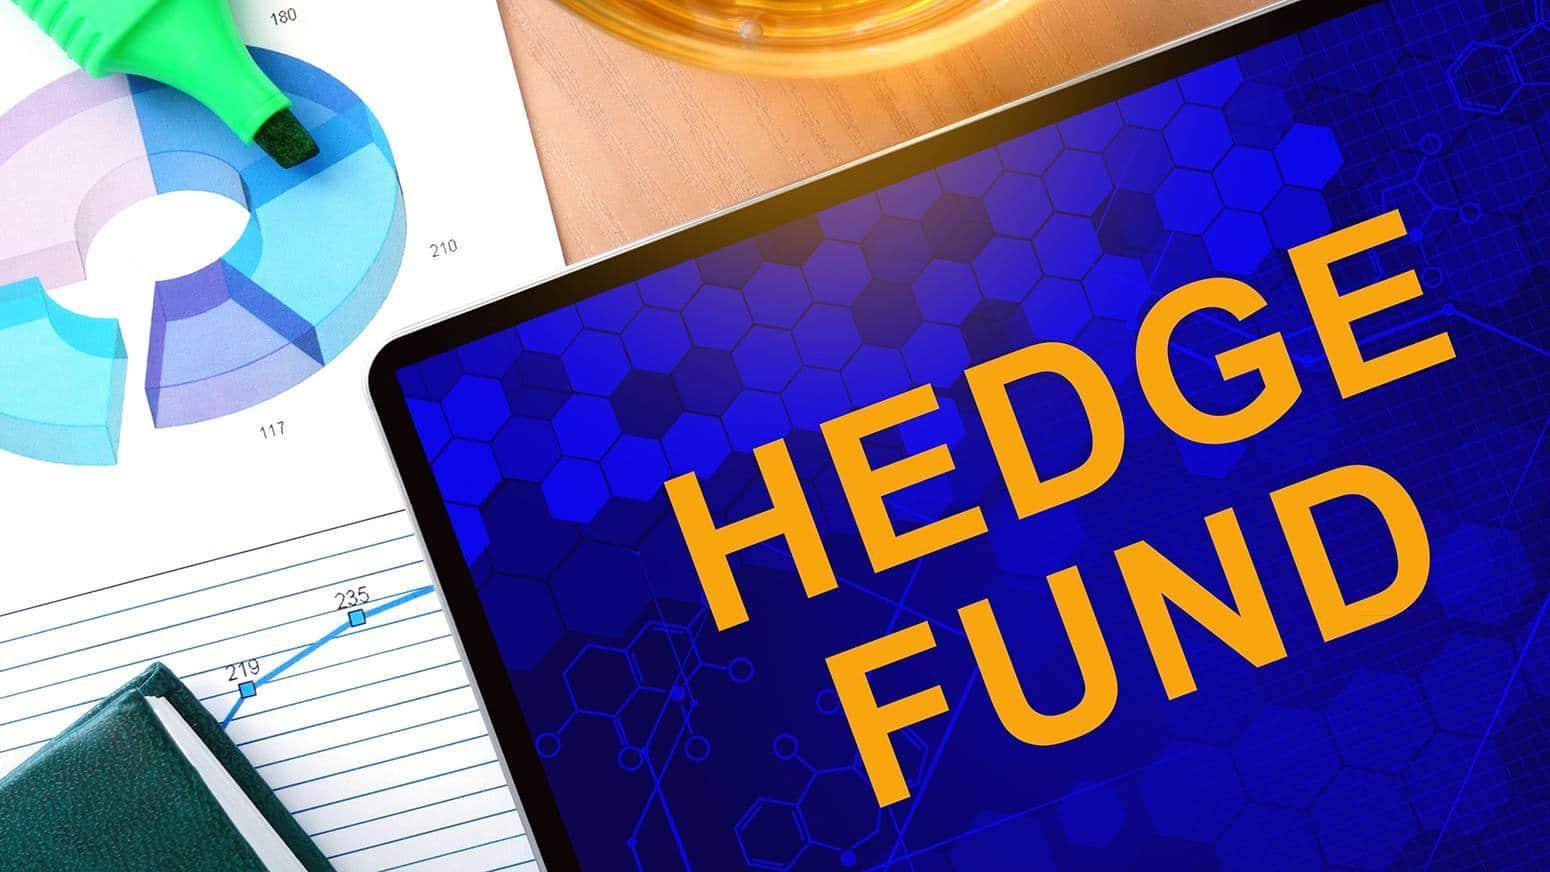 hedge fund roboadvisor